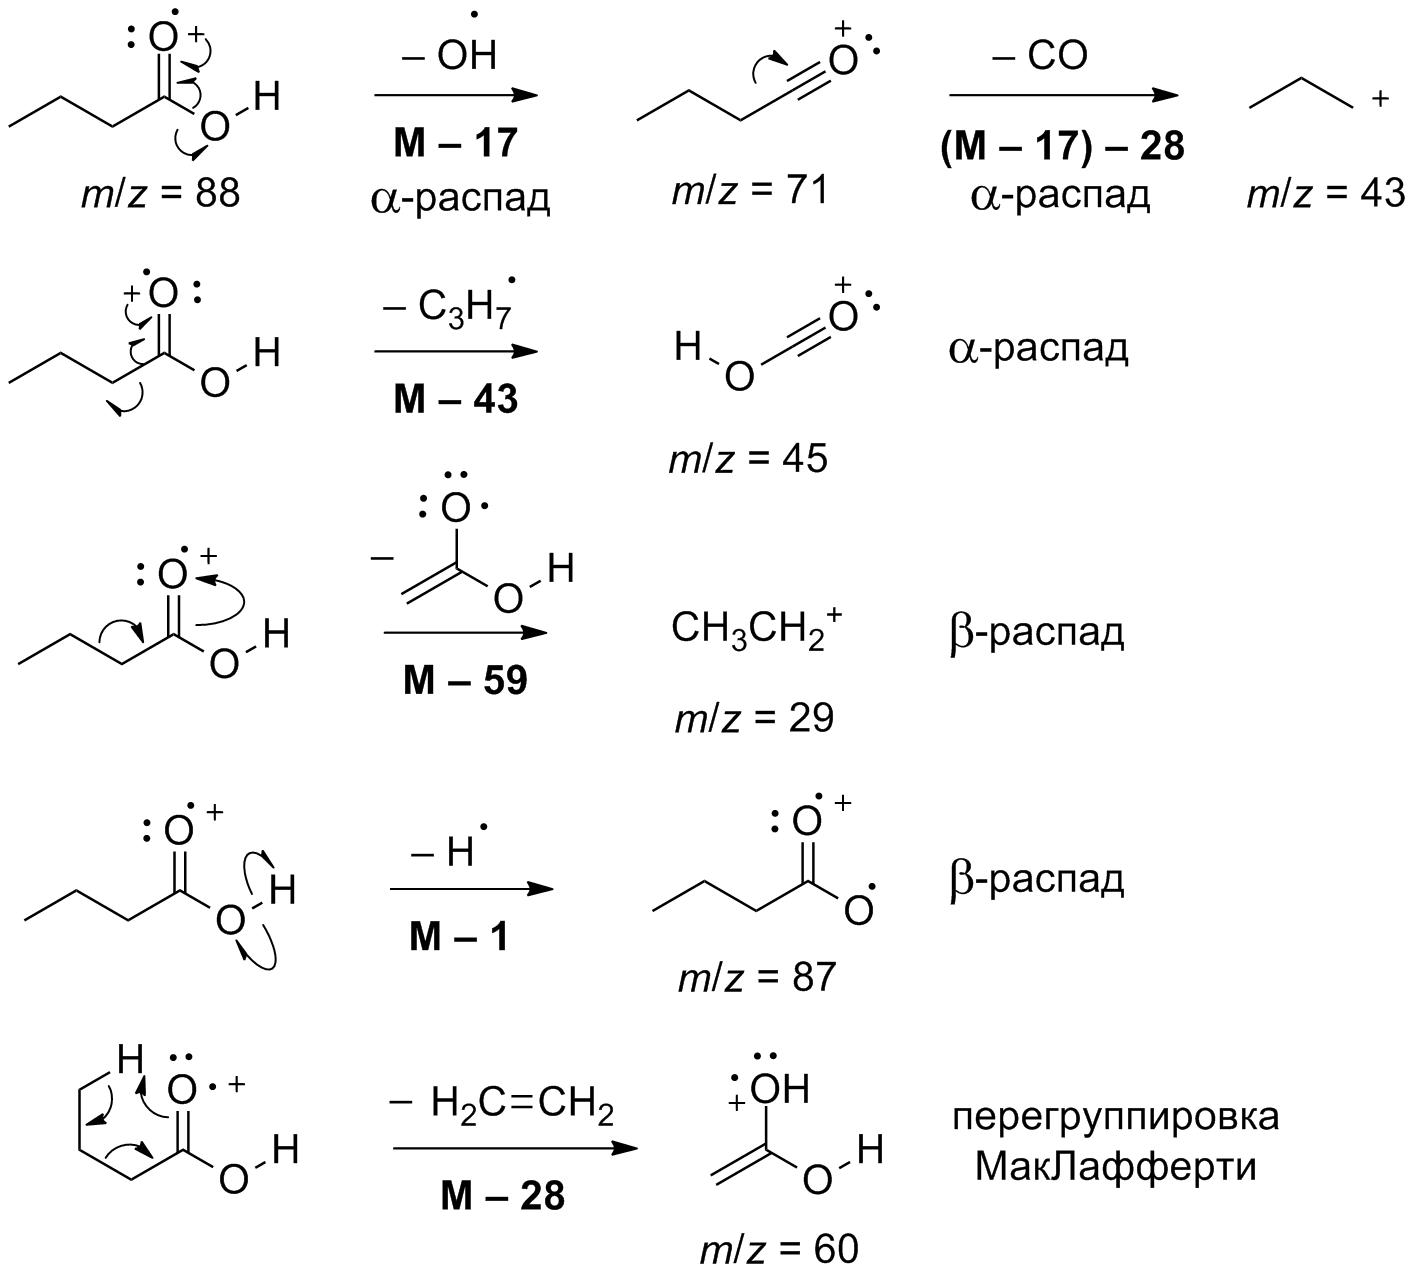 Пути фрагментации масляной кислоты в масс-спектрометрических экспериментах